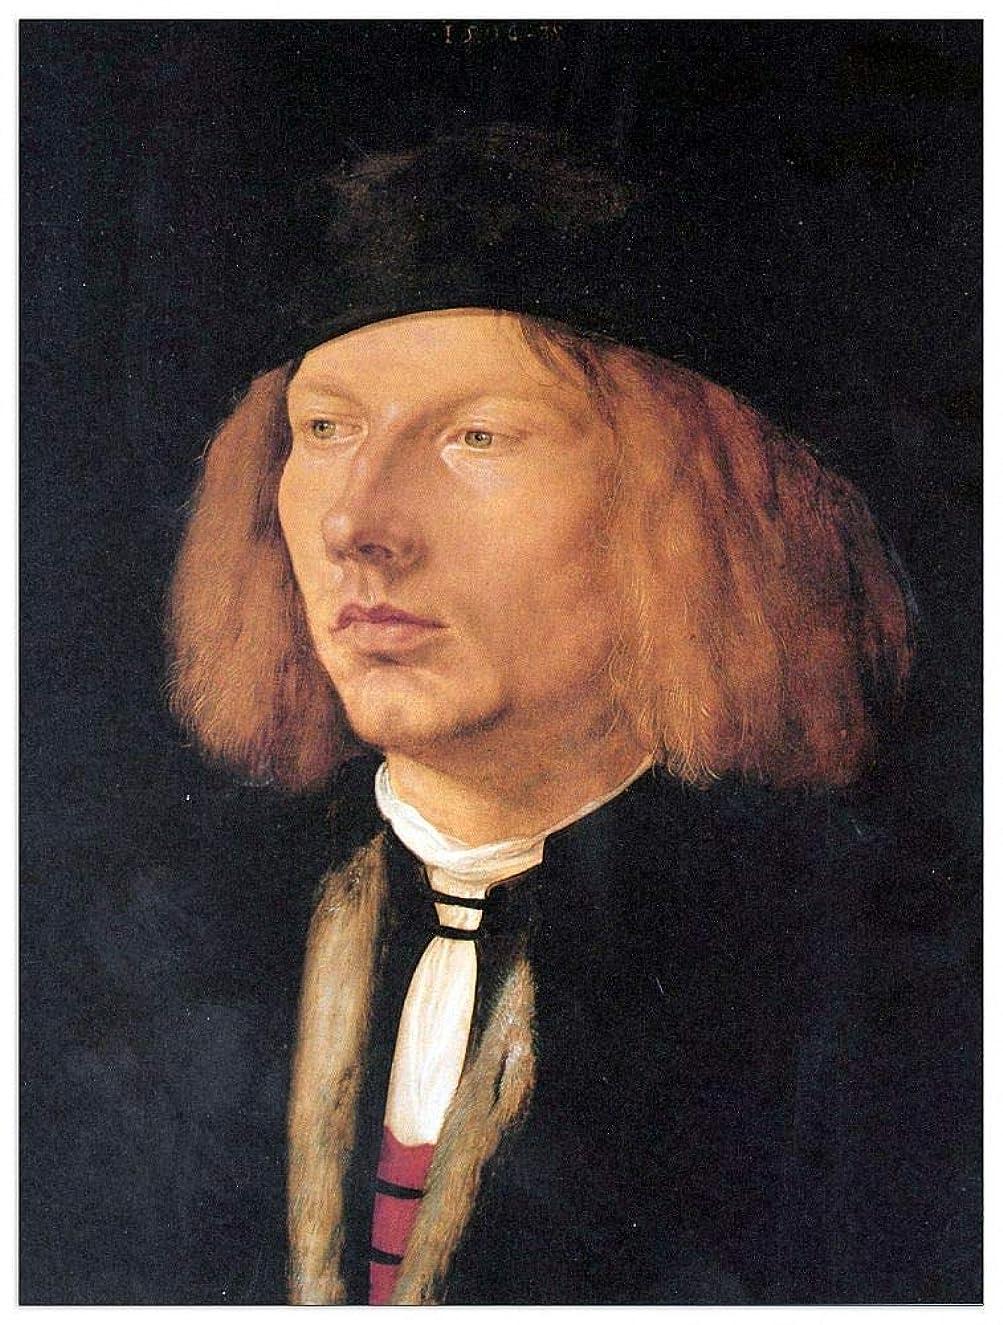 ArtPlaza TW93217 Albrecht Durer - Portrait of Burkard von Speyer Decorative Panel 27.5x35.5 Inch Multicolored